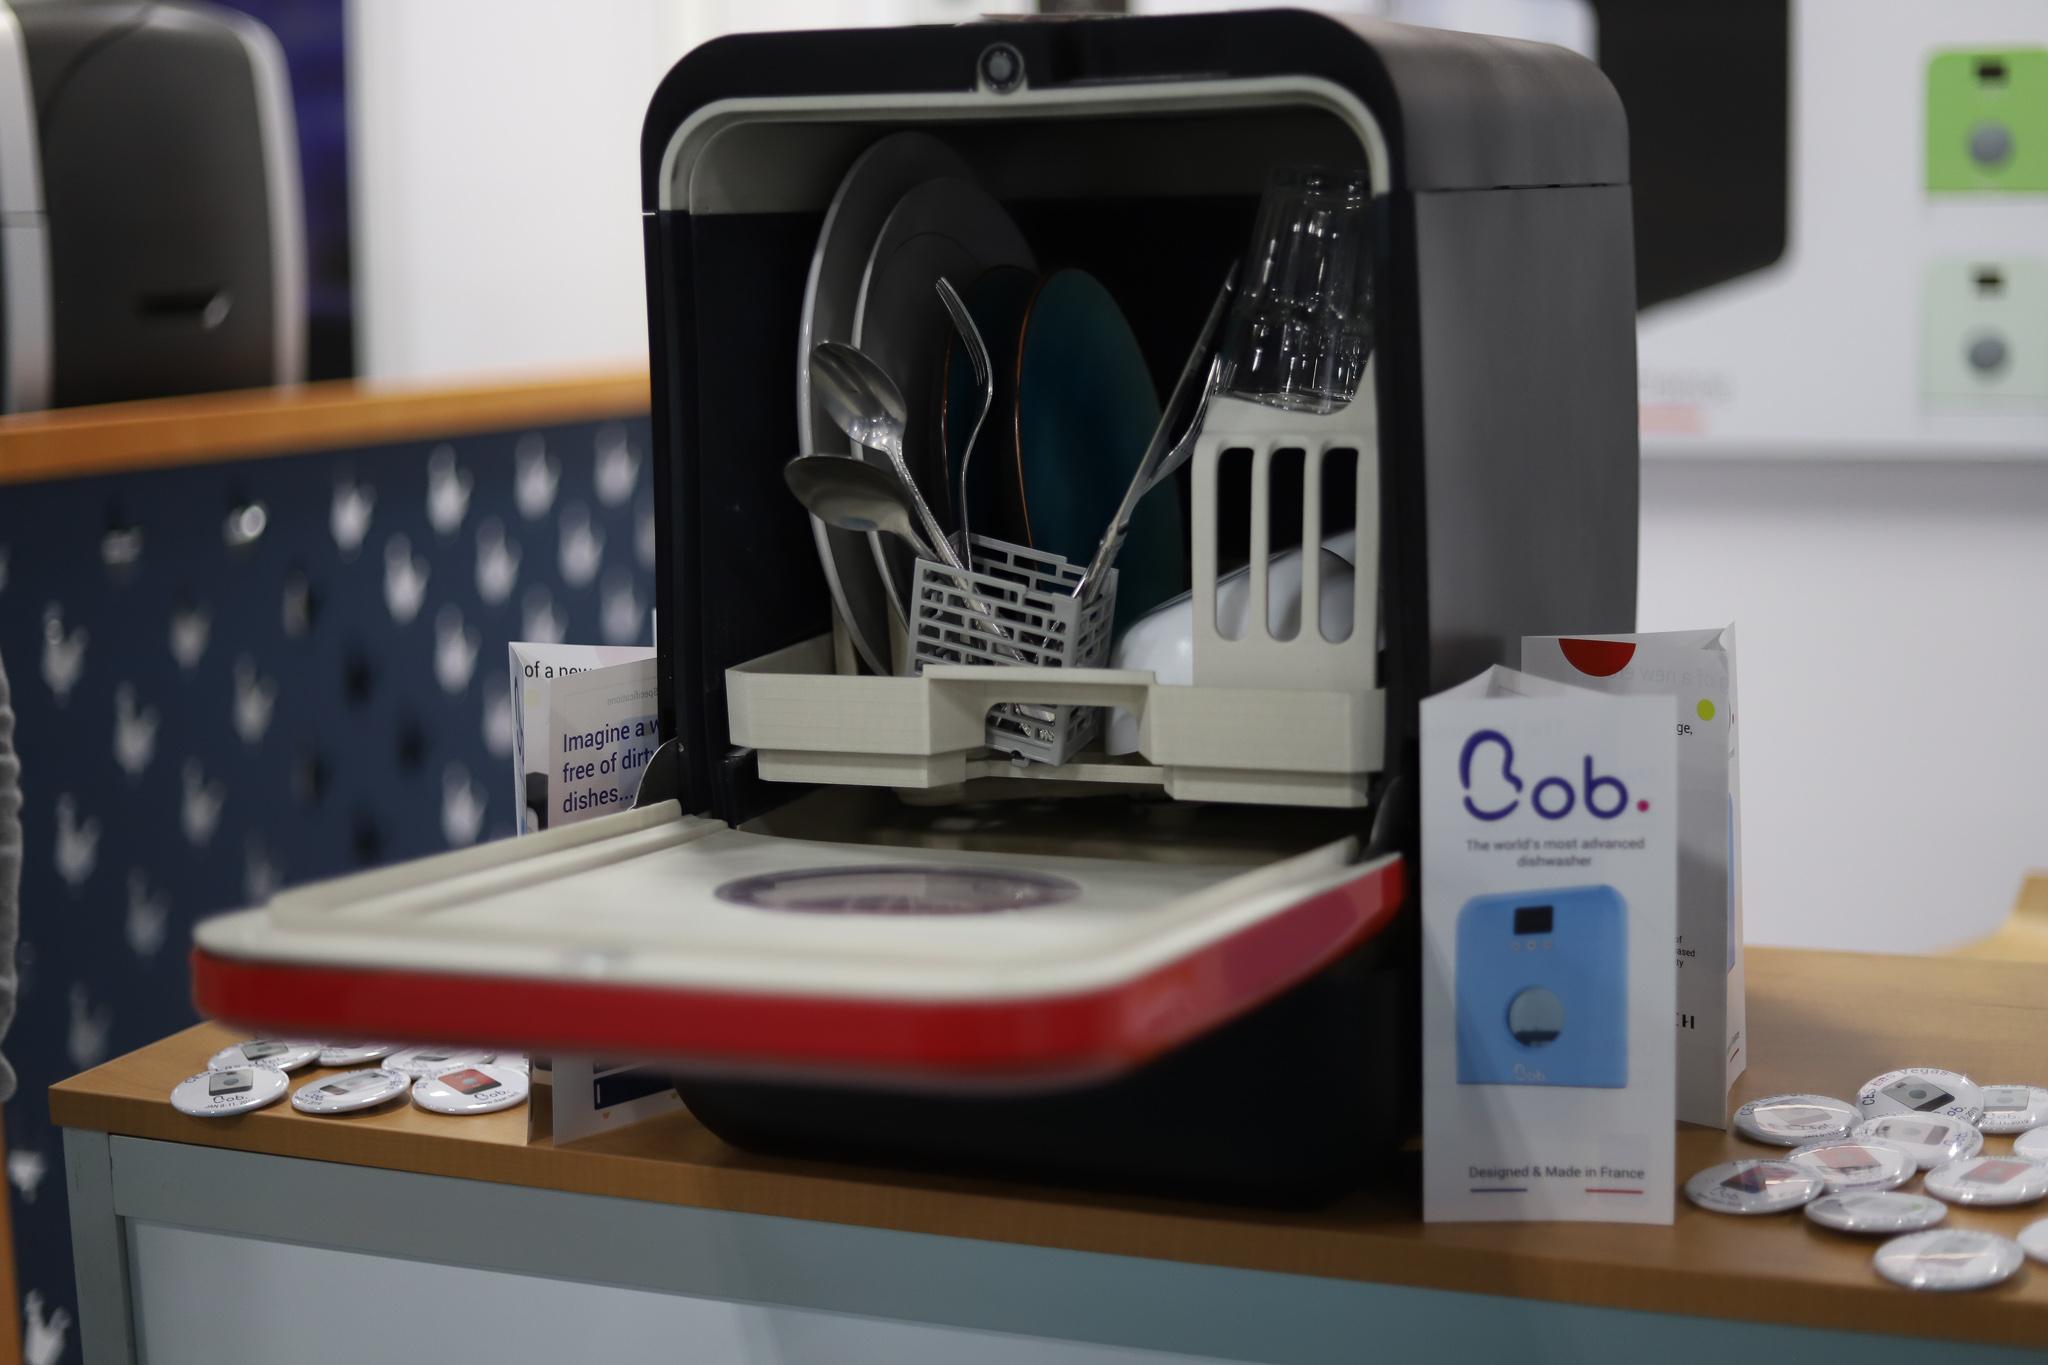 #CES2019 : Bob, le lave-vaisselle intelligent qui nettoie votre vaisselle avec deux bouteilles d'eau